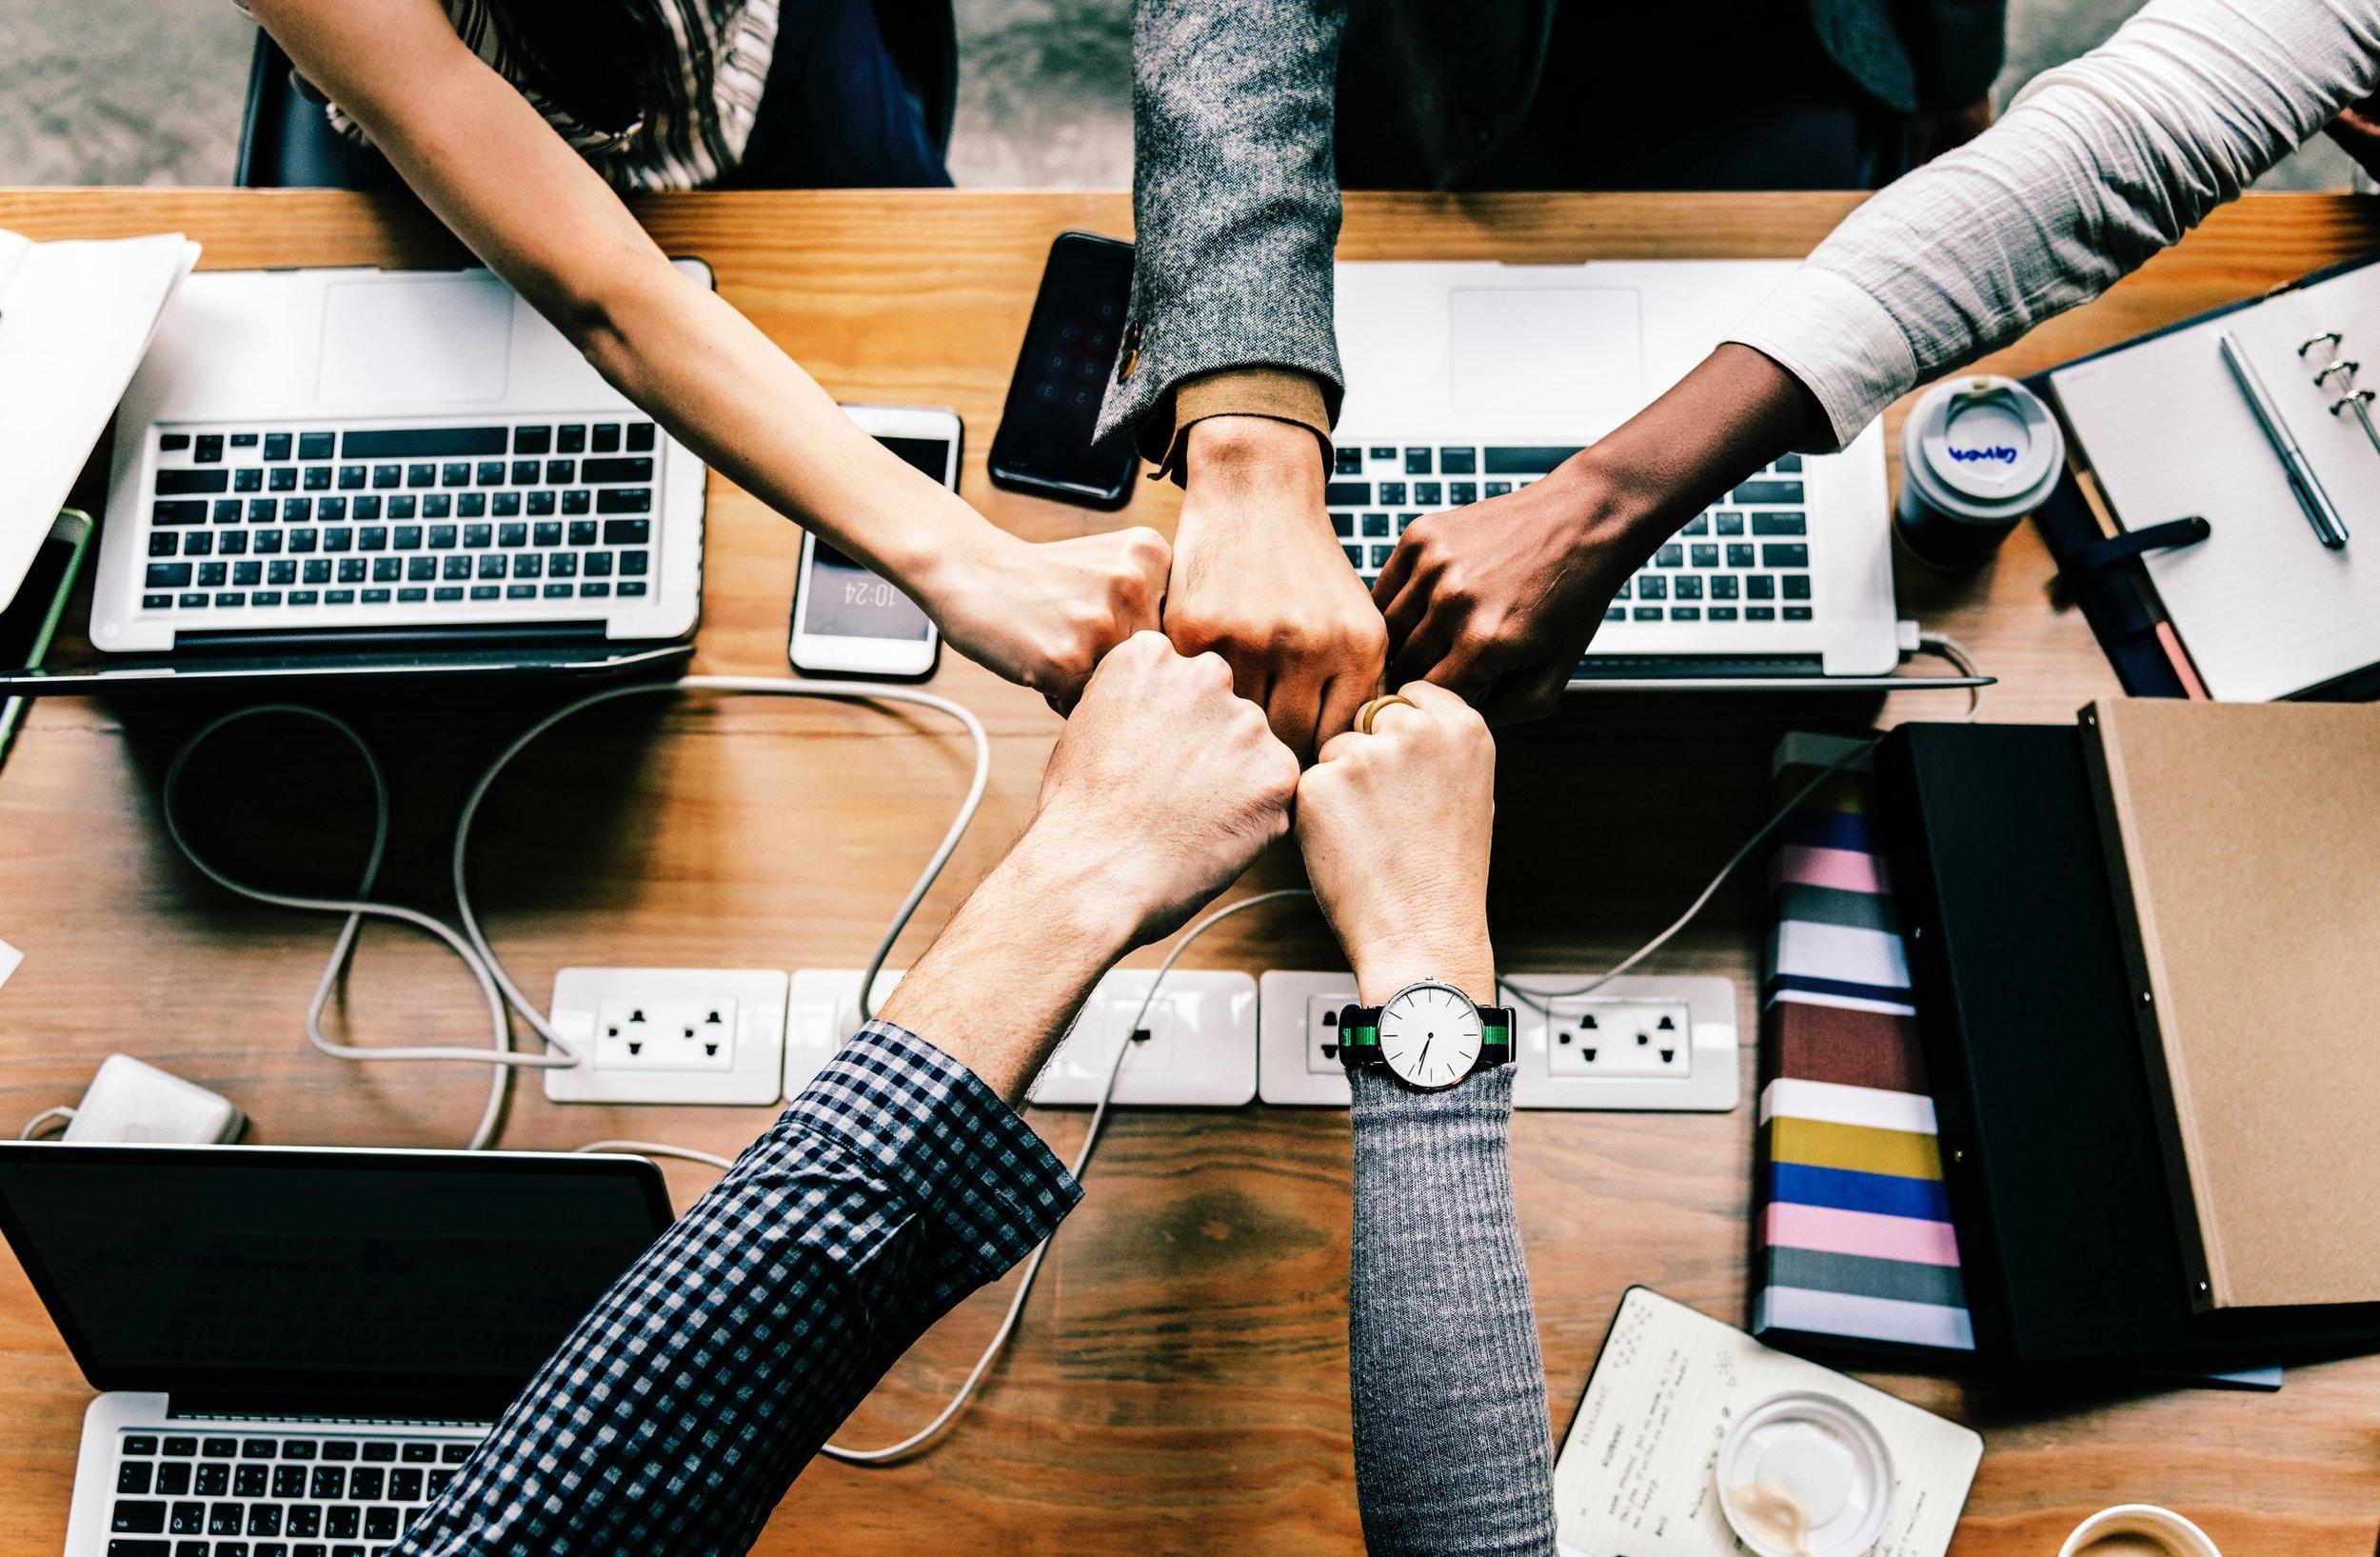 Yhteistyö - Lue lisää yhteistyökumppaneistamme,tai liity yhteistyöhön